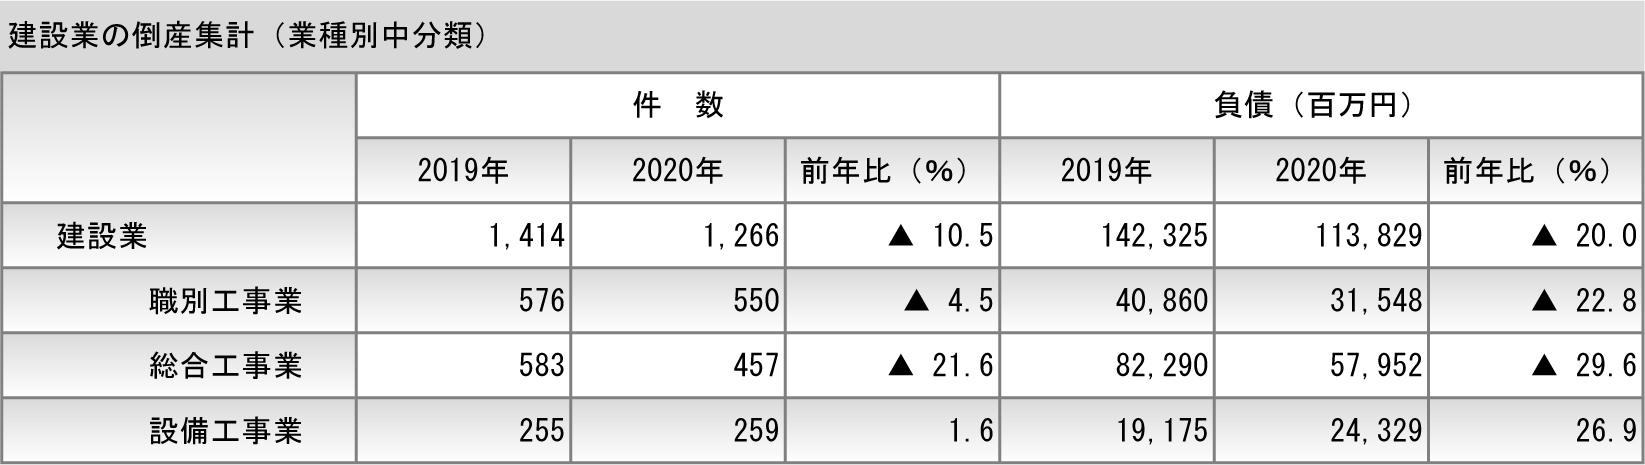 ①-3 建設業の倒産集計(業種別中分類)